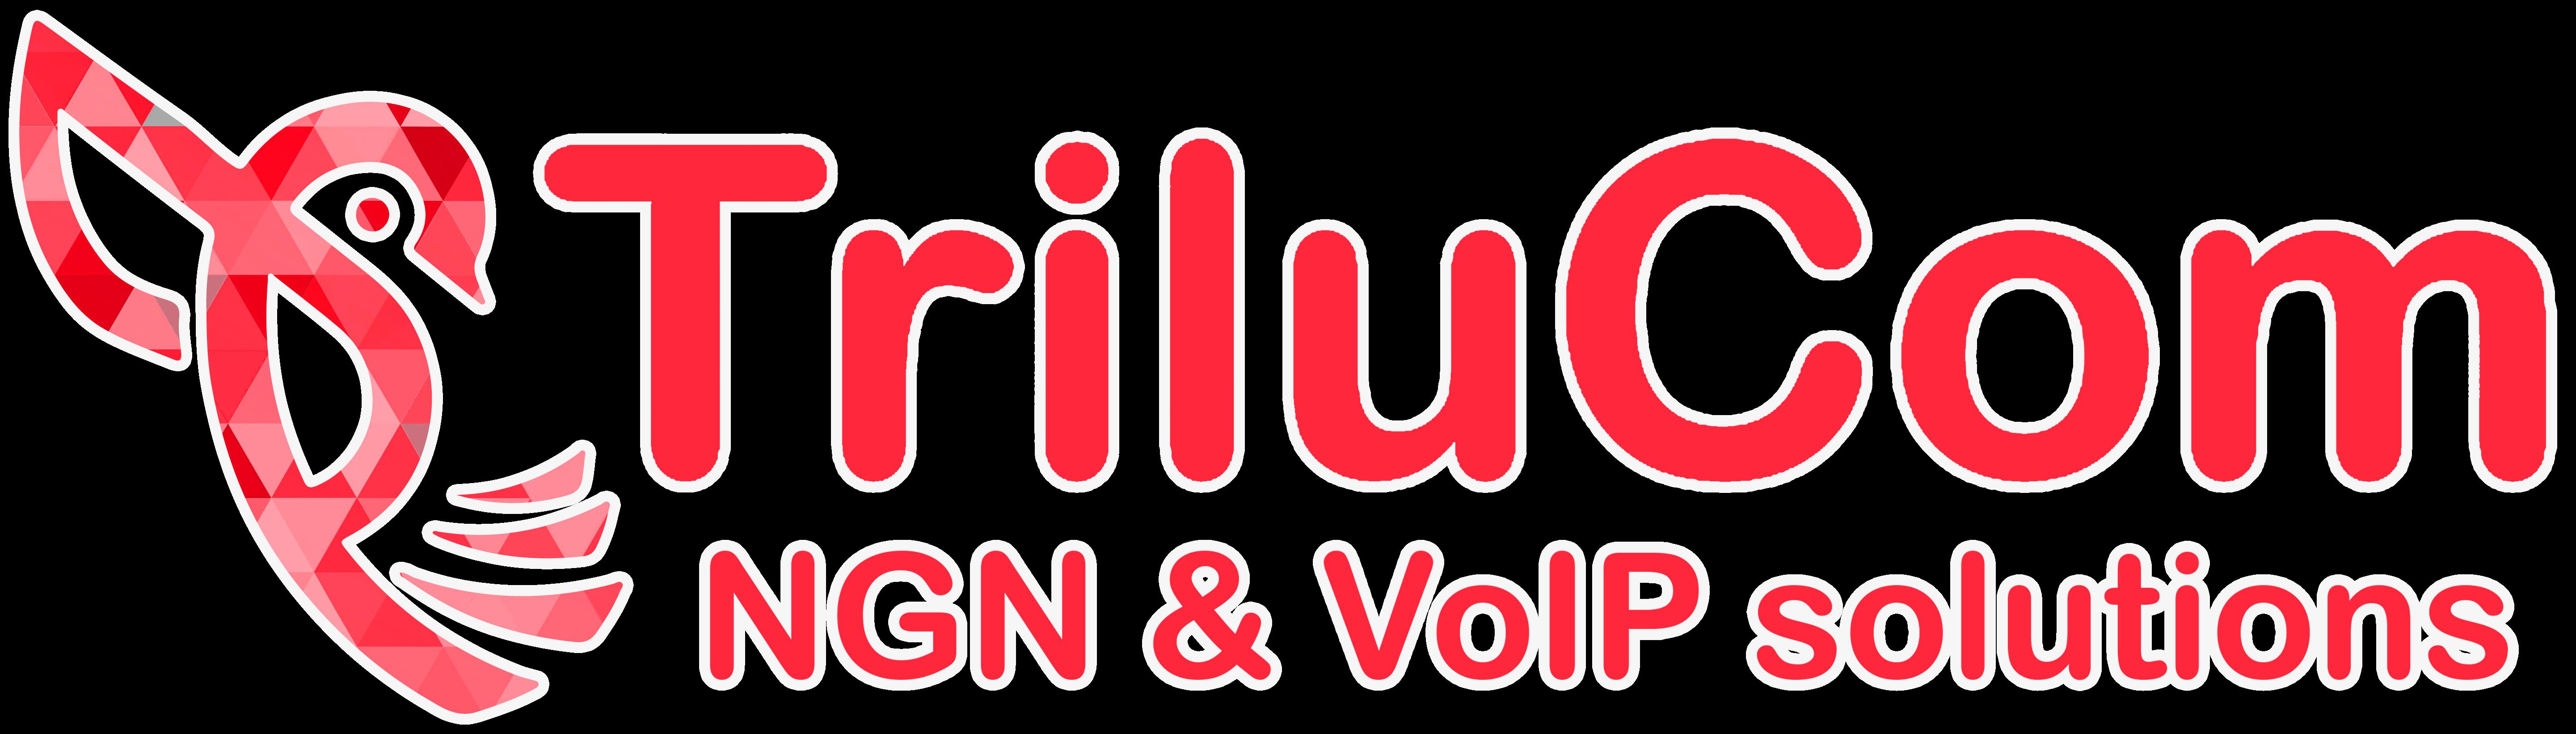 TRILUCom Holding S.A.